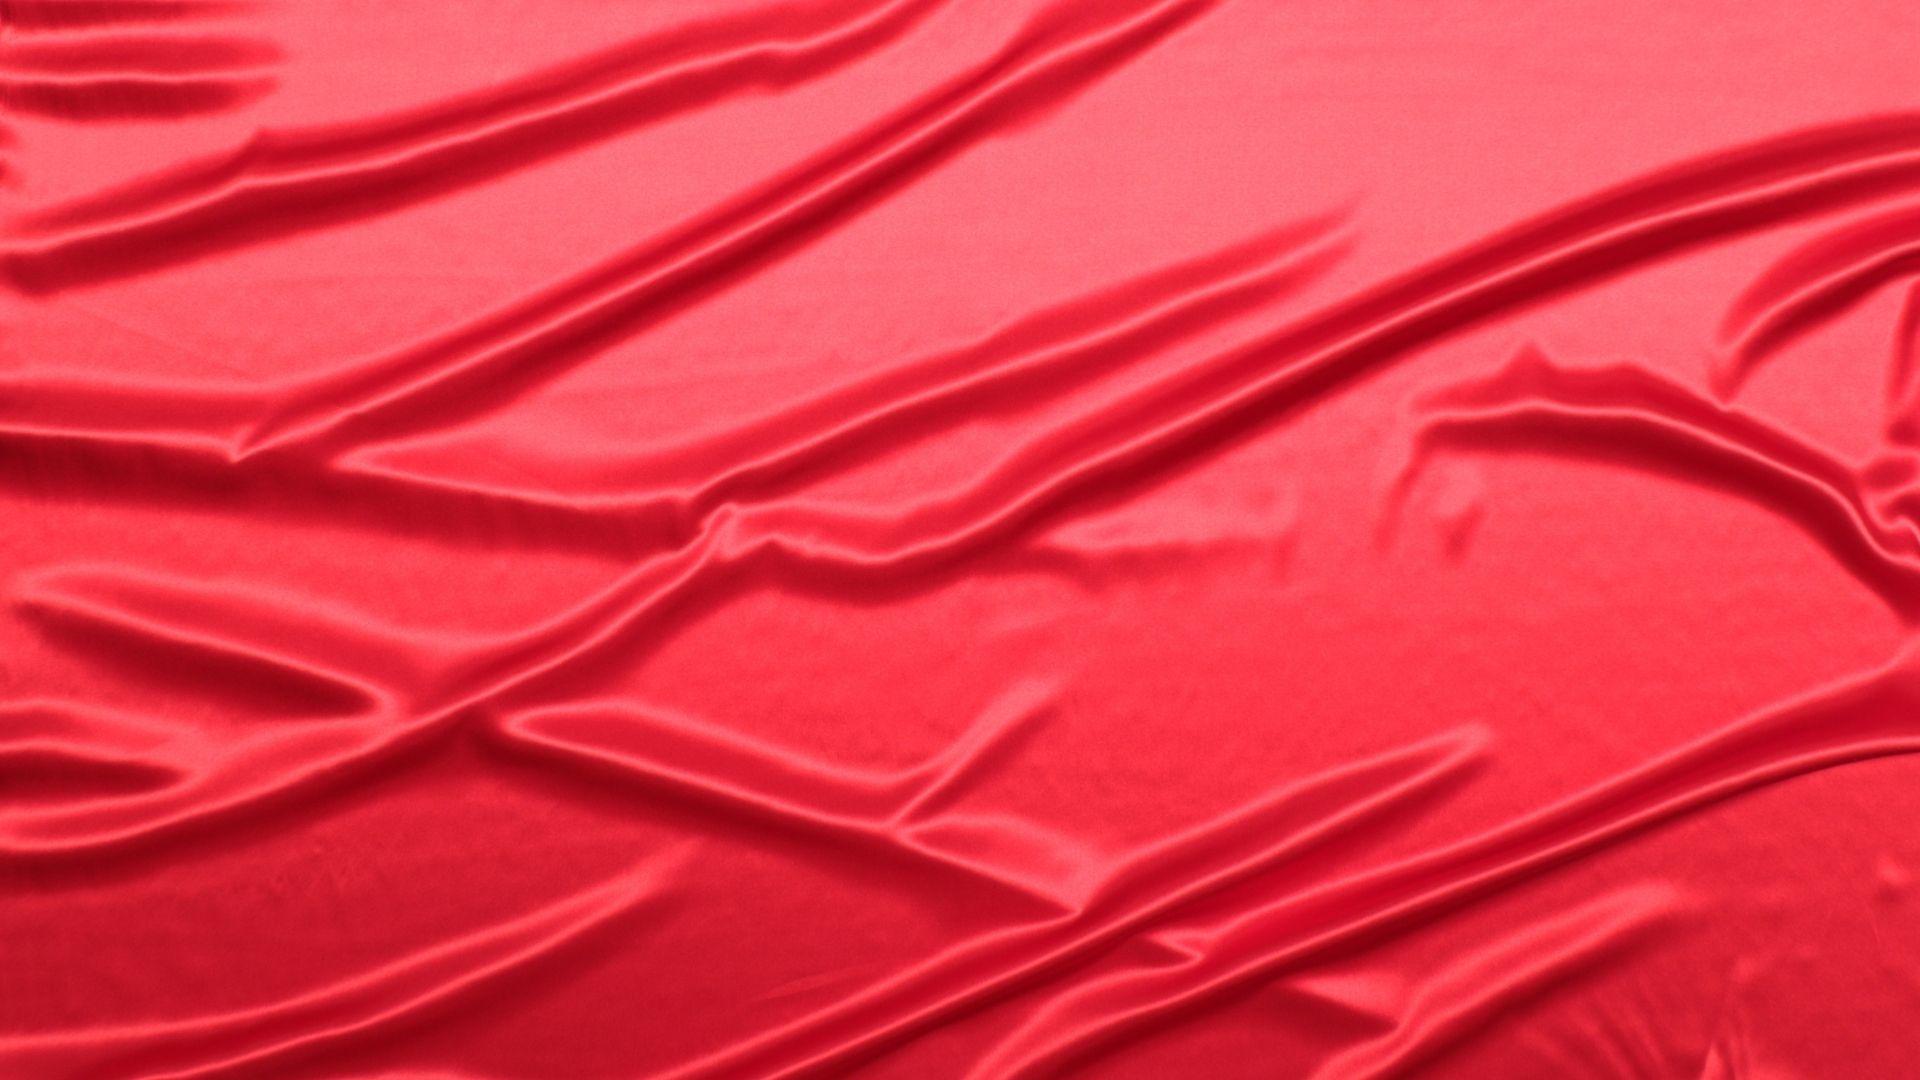 il particolare del tessuto satin 212, appartenente alla categoria uniti serici, di Leadford & Logan